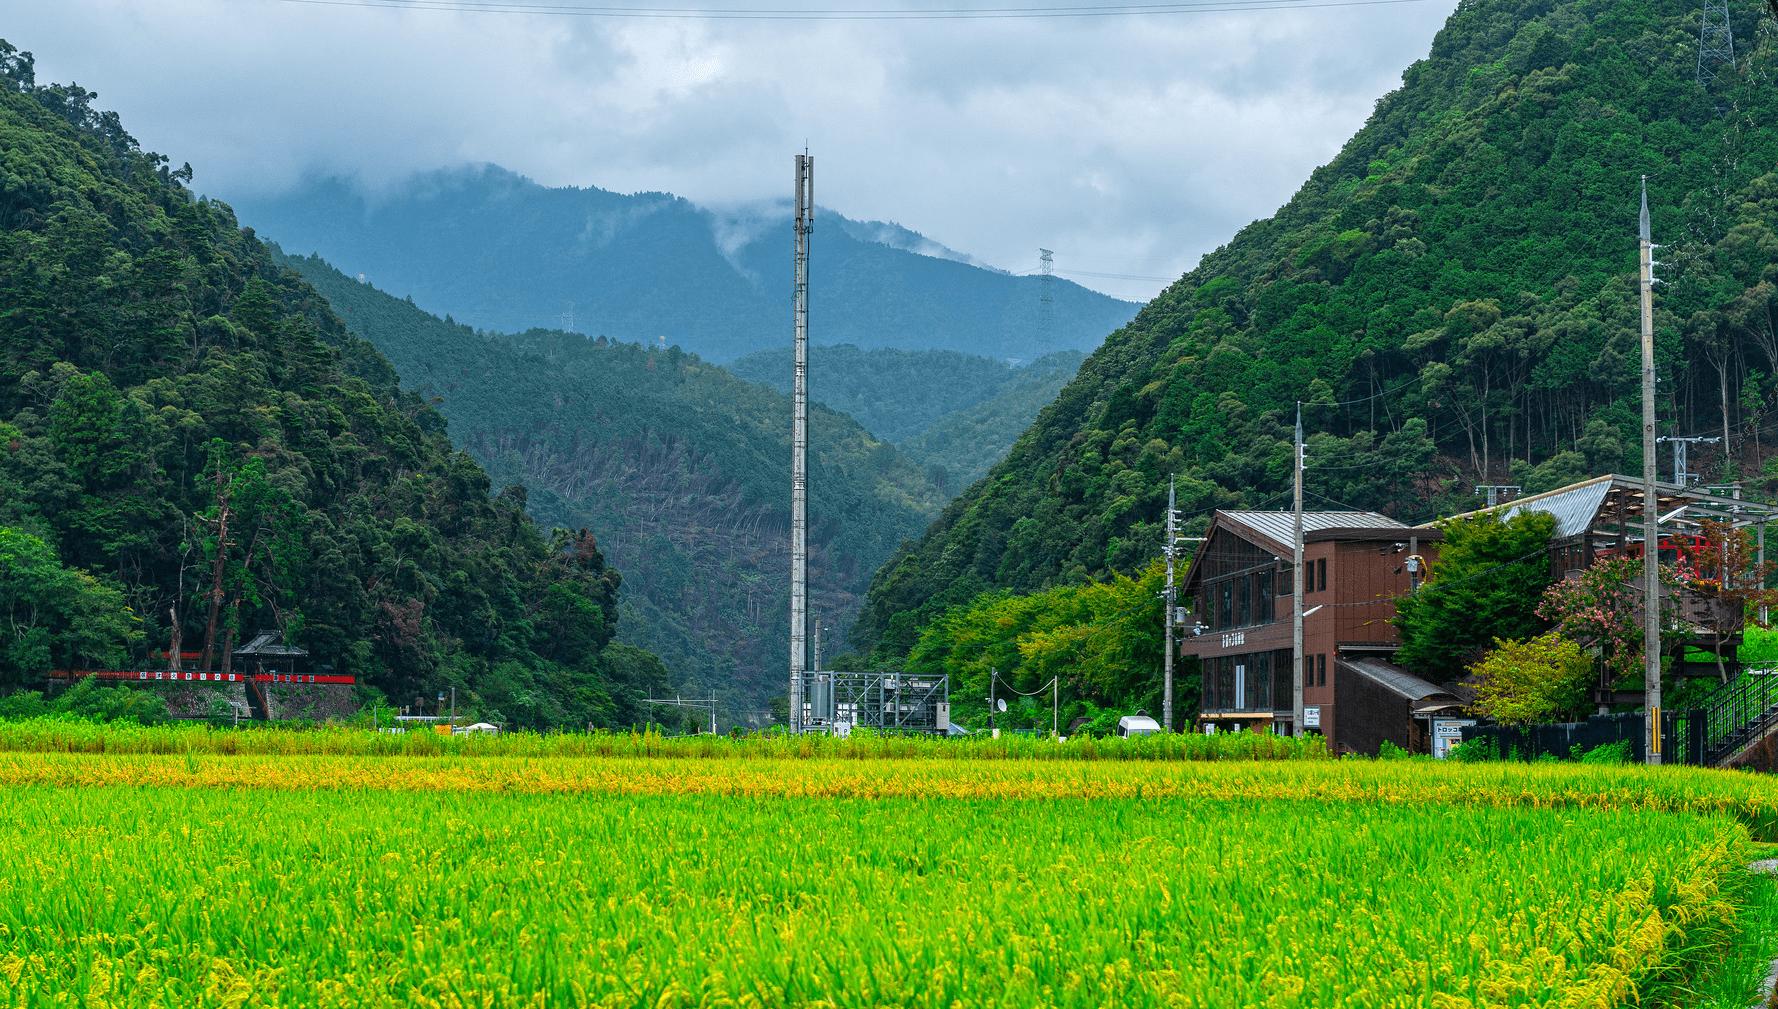 孤独的日本农村:废弃的无主房屋越来越多,欲靠旅游业留下年轻人